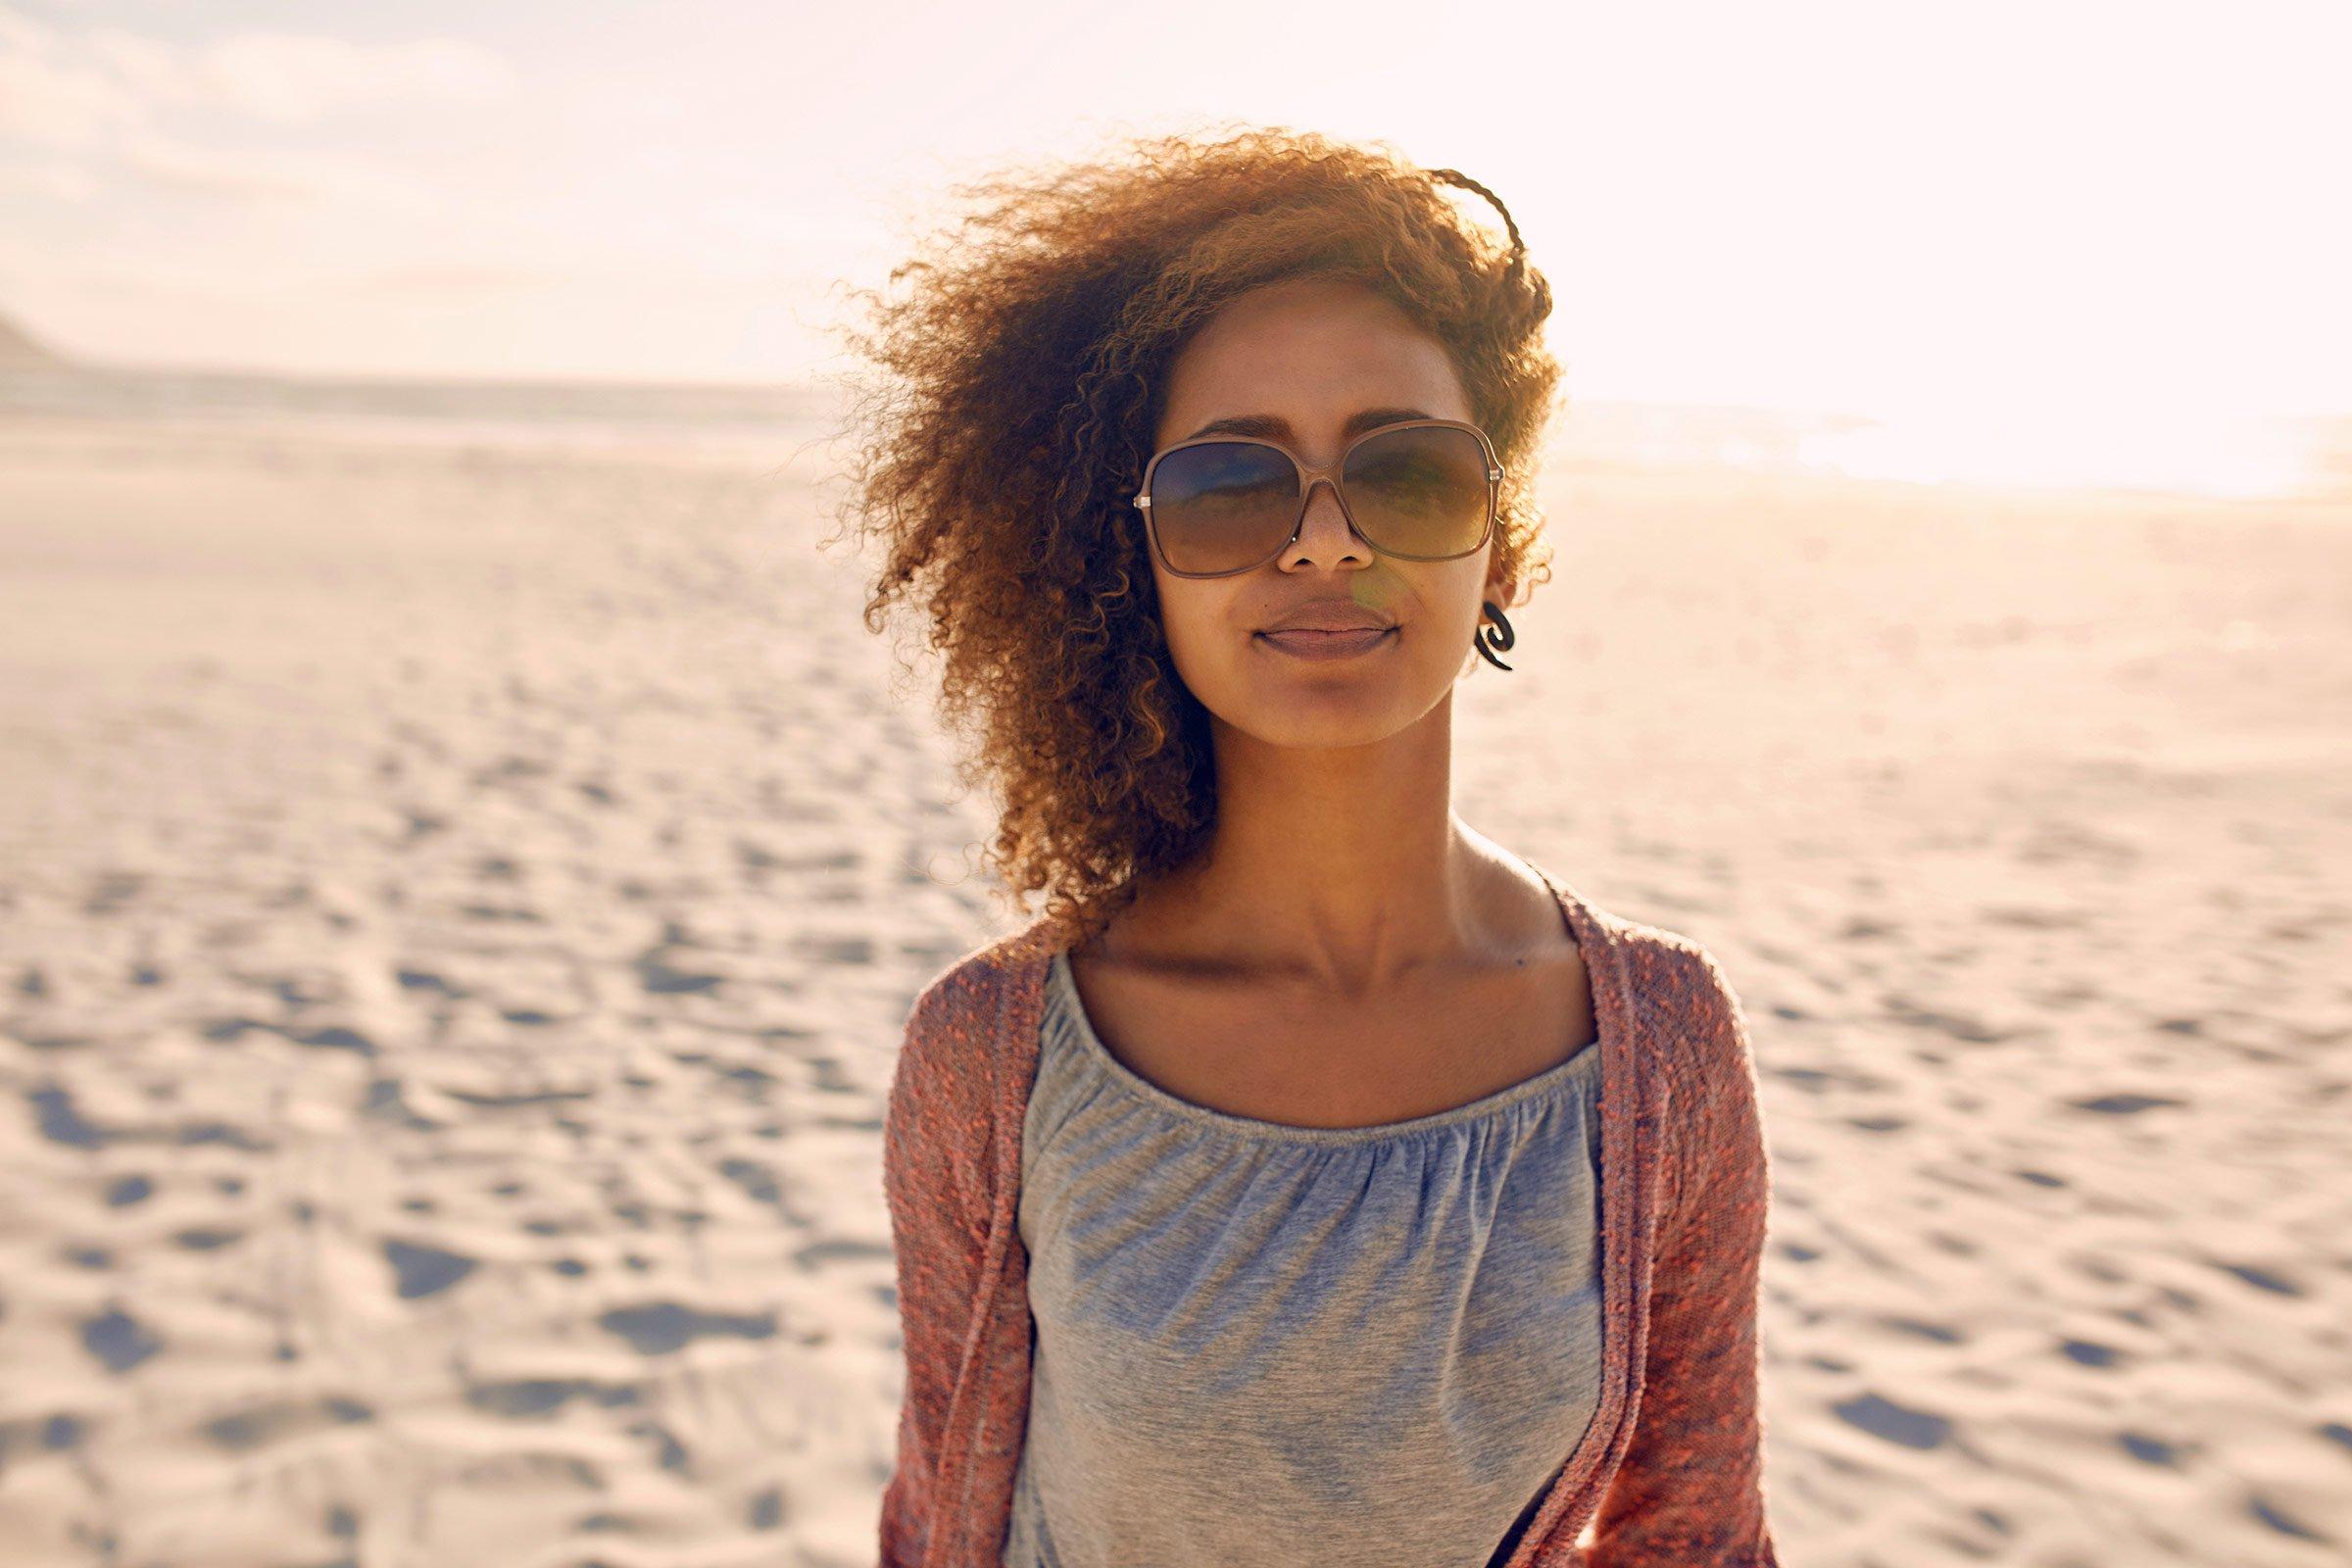 8 Razloga zašto NEVJEROVATNE žene imaju NAJGORI LJUBAVNI ŽIVOT